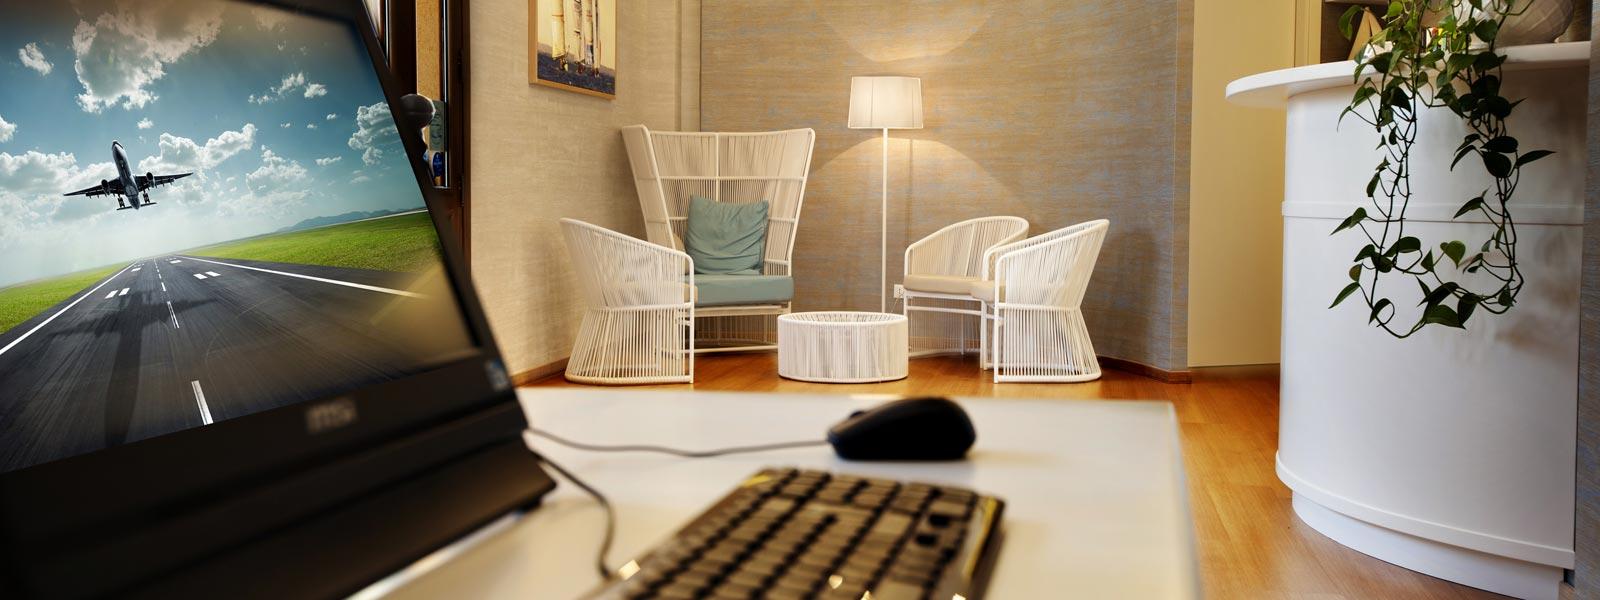 Favignana_Hotel_Isole-Egadi-8344